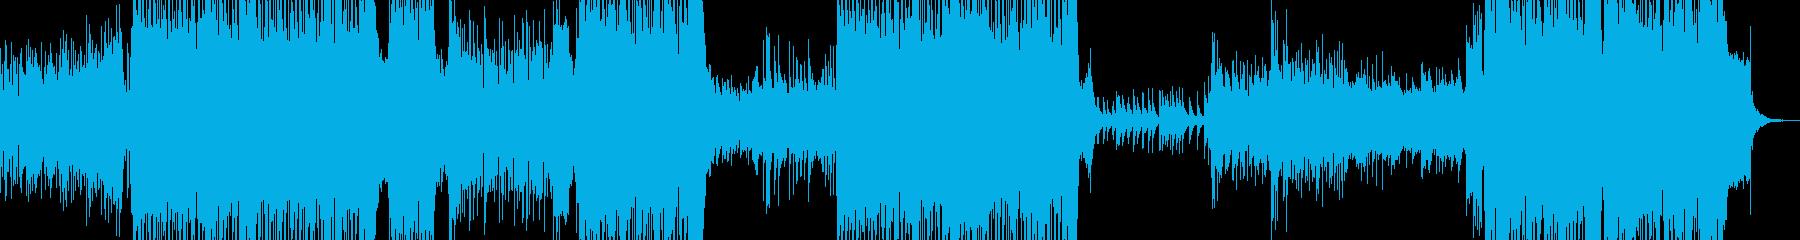 キラキラしたピアノフレーズのテクノの再生済みの波形